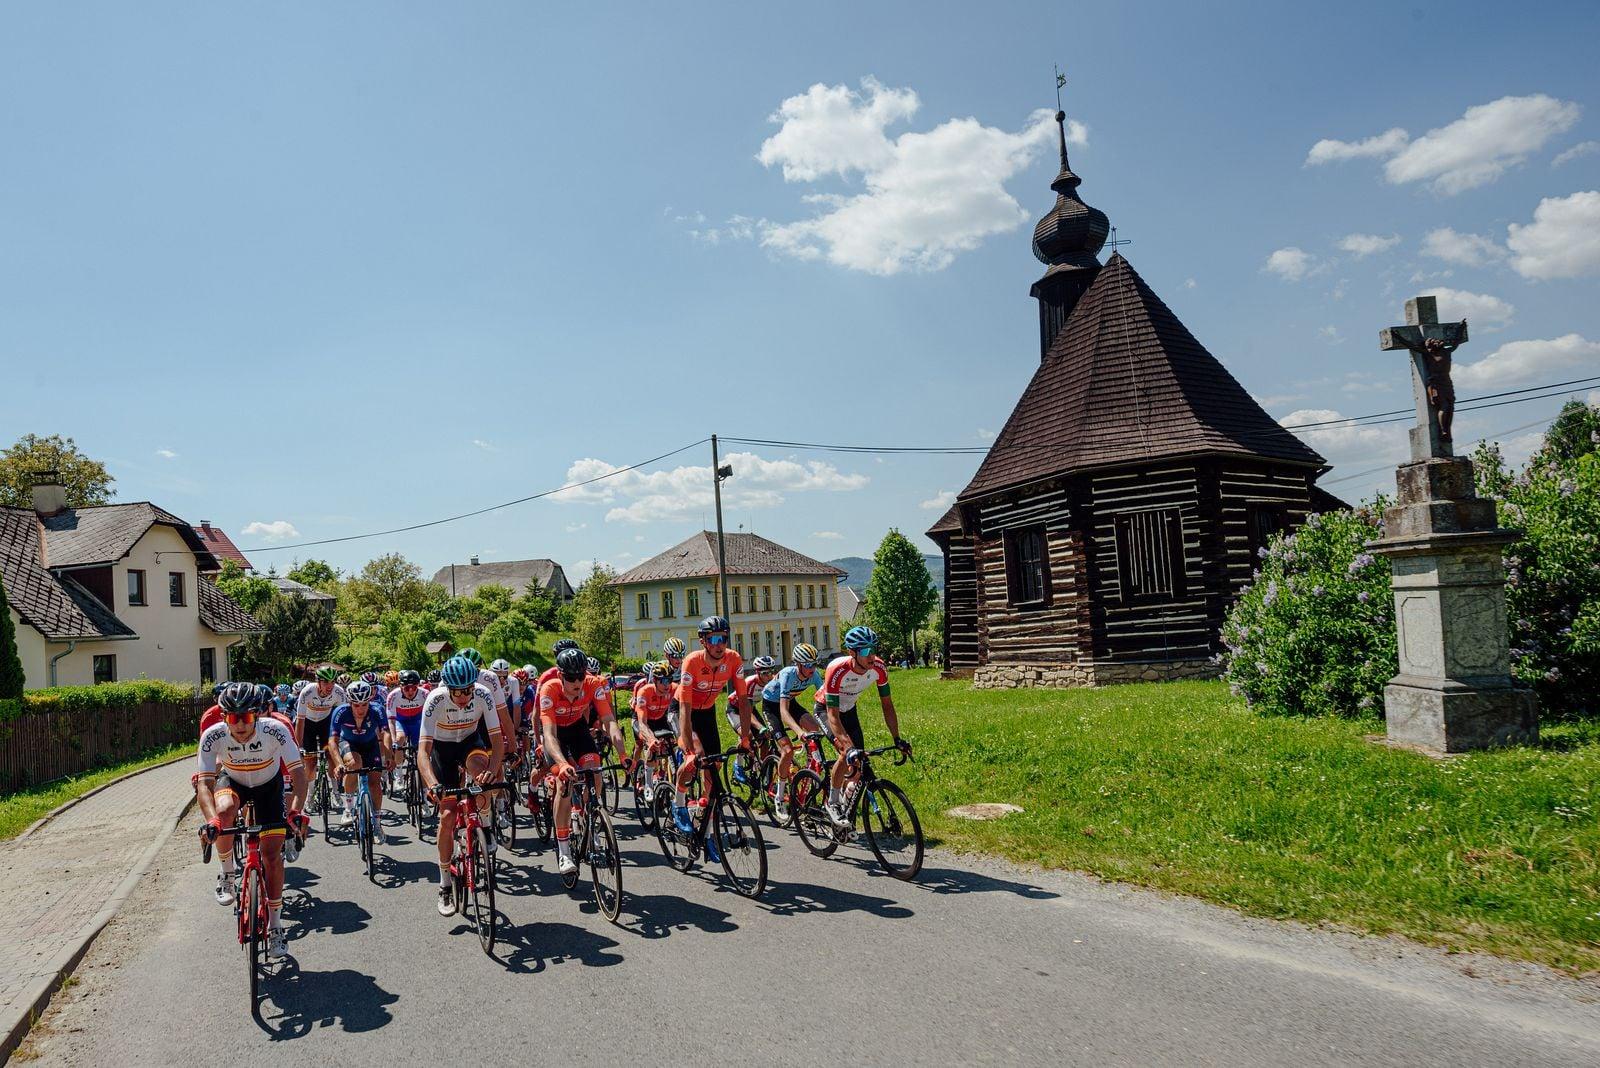 #TeamESPciclismo - Copa de las Naciones - Carrera de la Paz y Orlen Nations G. P.